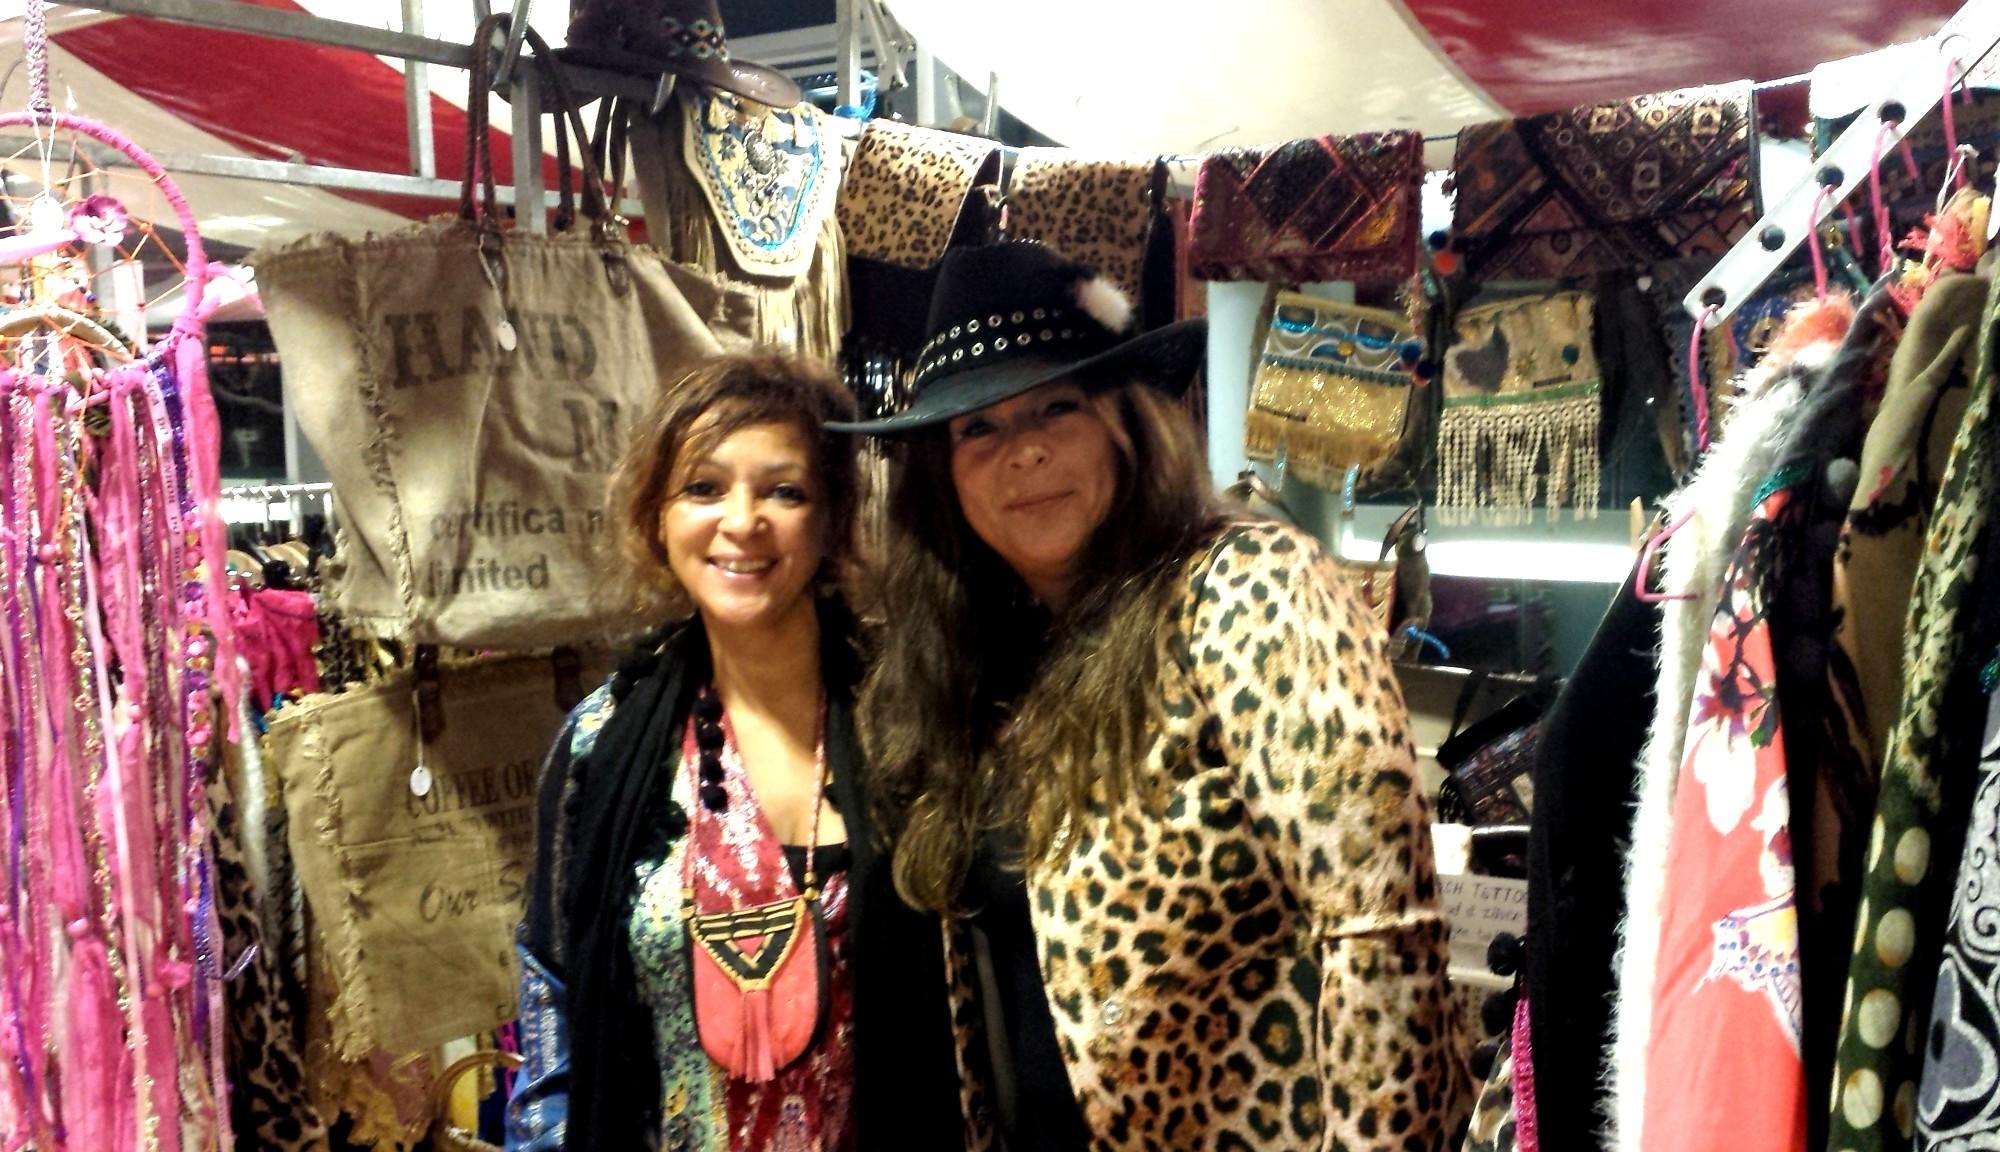 Happy Customer with Black Dazzling Gypsy Queen Cowboy hat